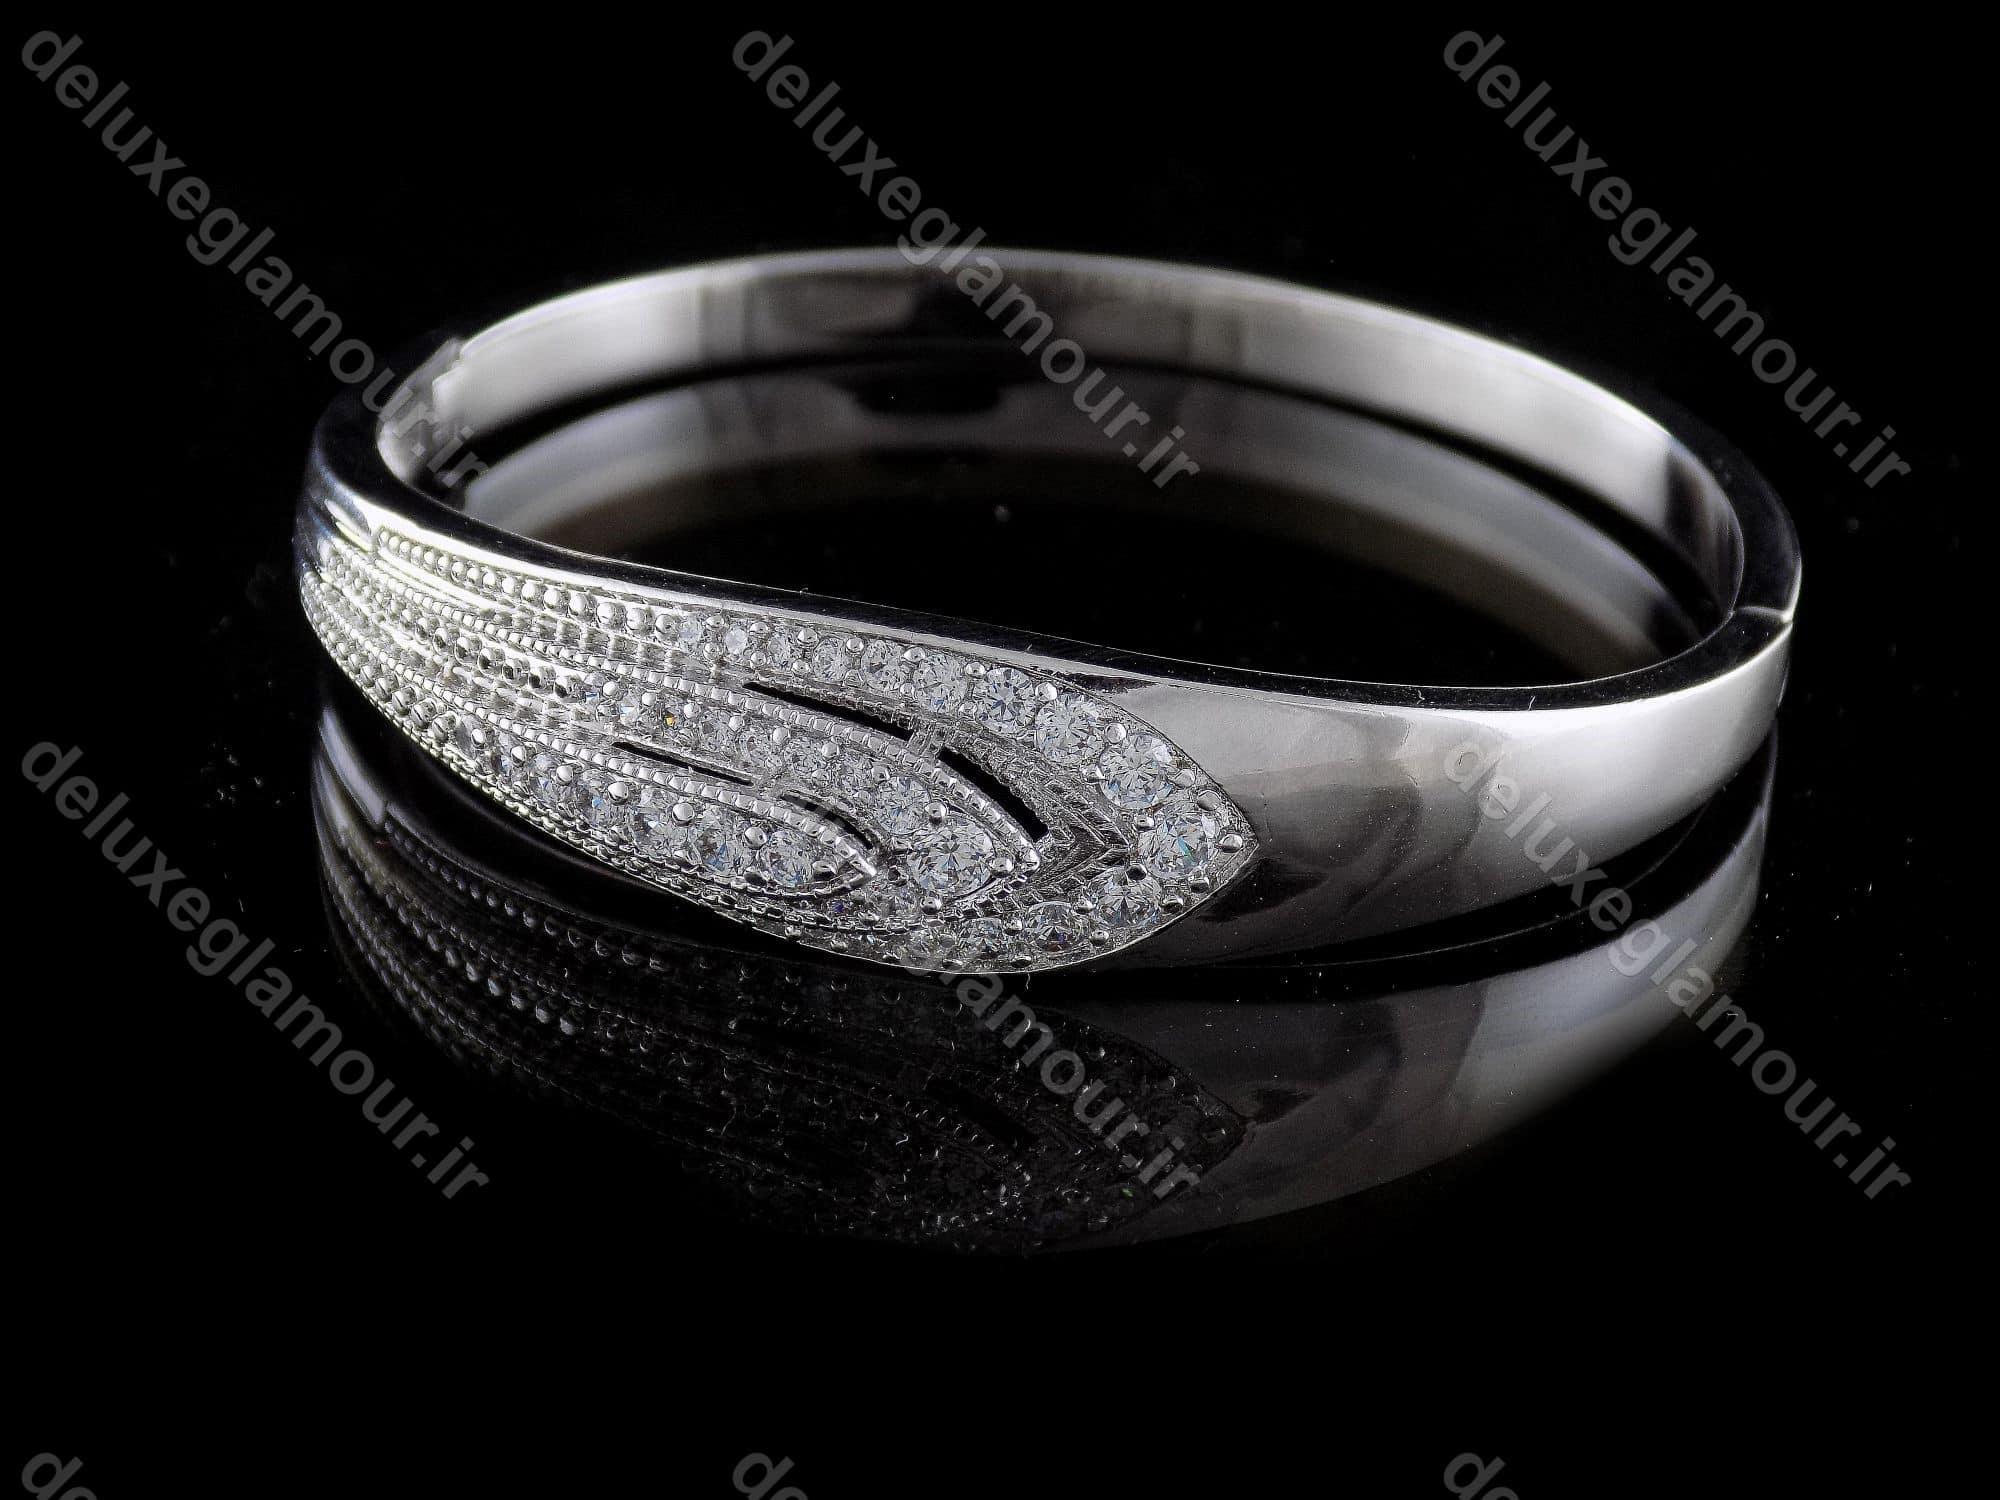 دستبند زنانه ژوپینگ با روکش ردایوم و نگین های کریستالی زیرکونیا ds-n167 (3)